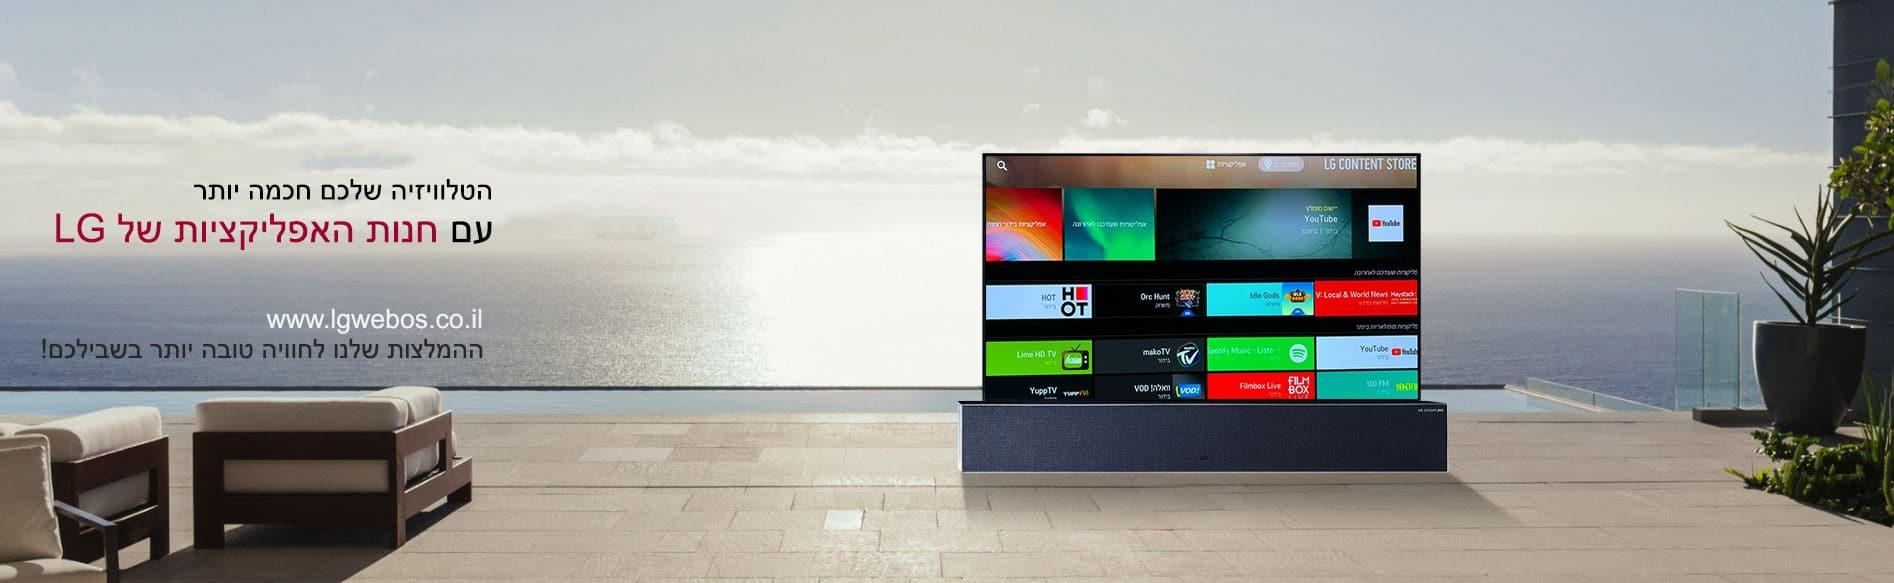 אפליקציות מומלצות לטלוויזיה LG